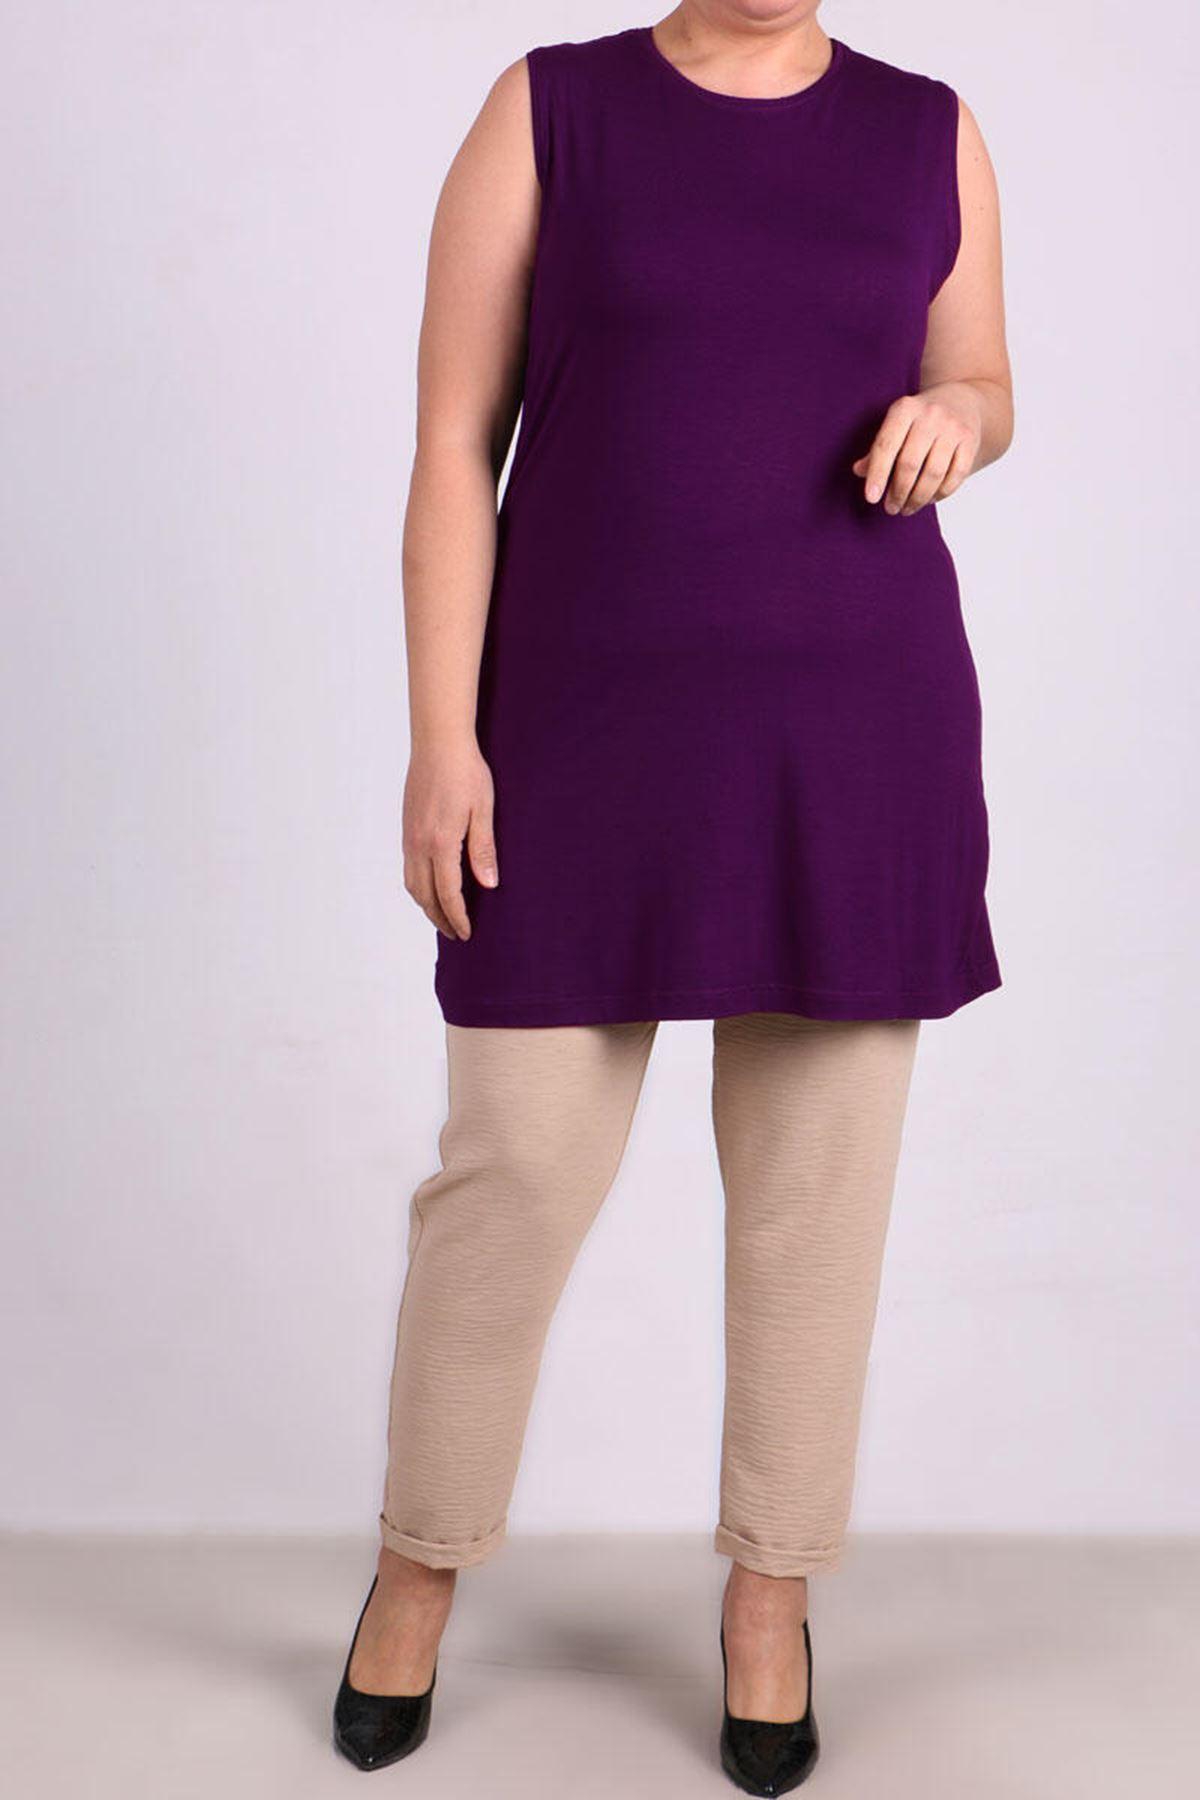 8507 Plus Size Basic Sleeveless Tunic-Purple